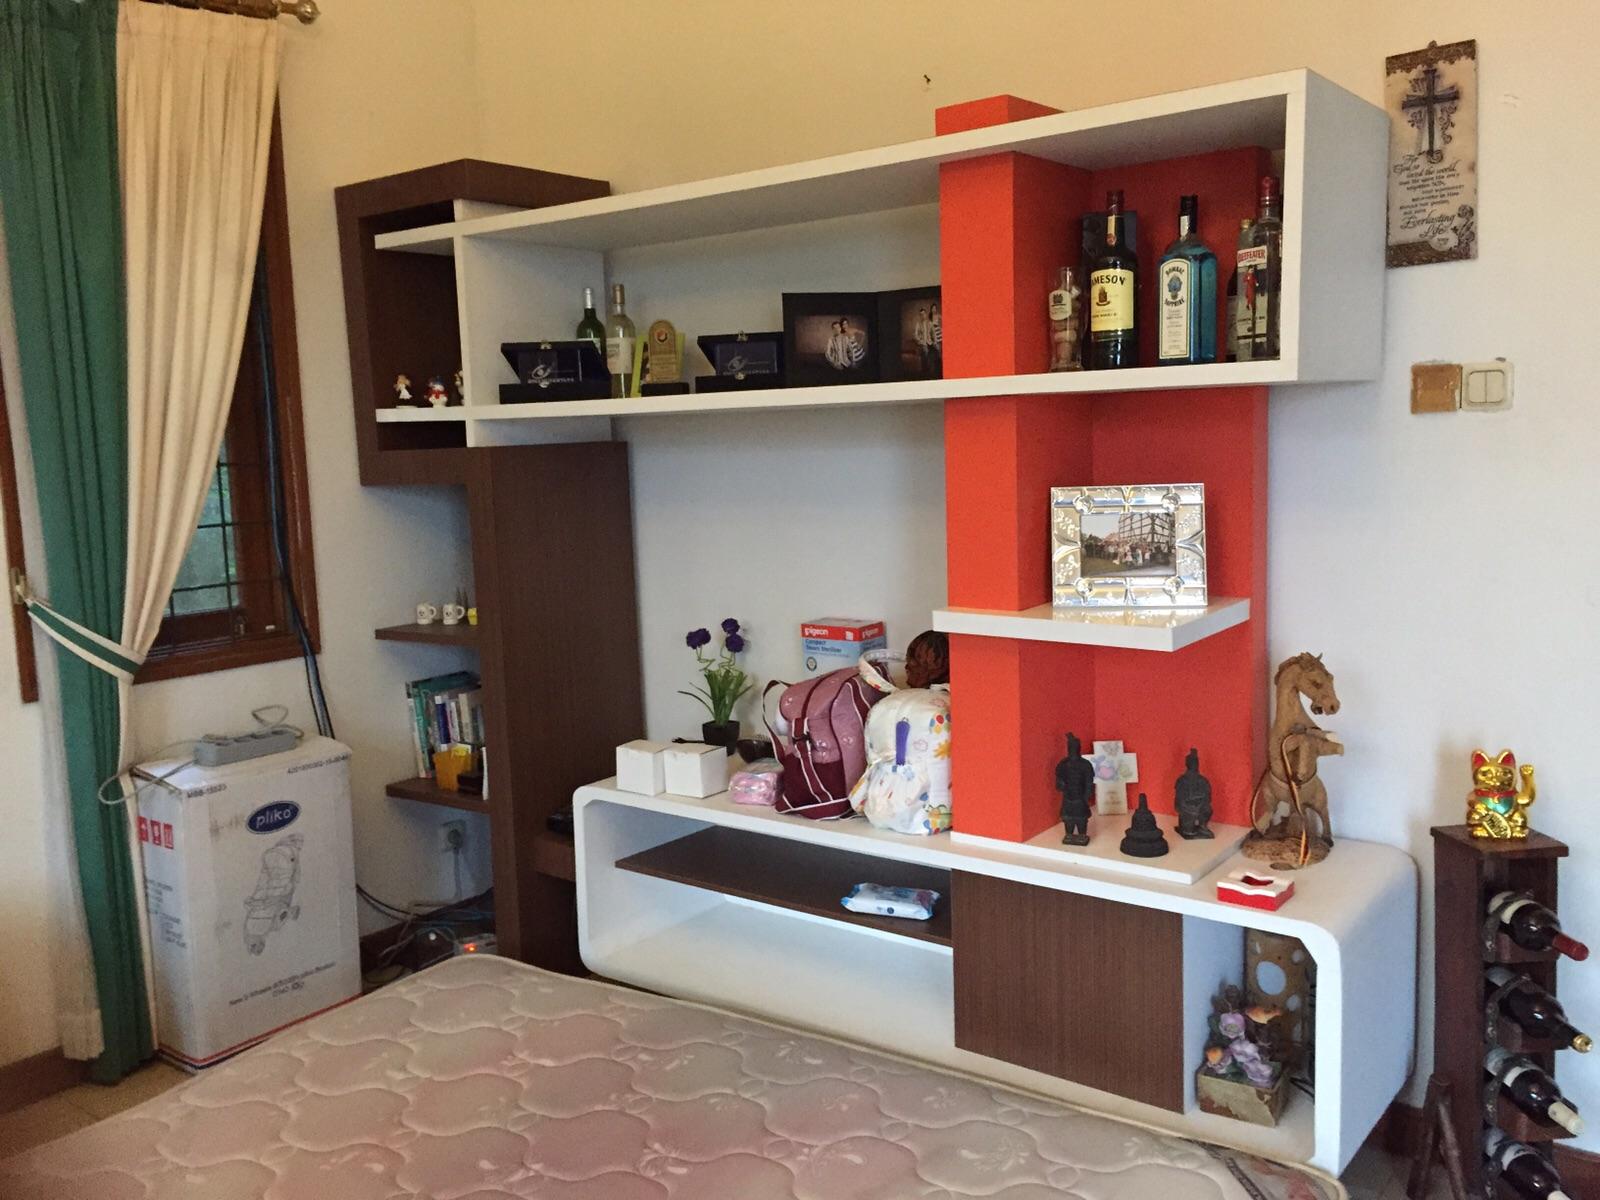 foto furniture. Masih Bingung Cari Toko Furniture Di Bandung? Kunjungi Saja Salah Satu Dari Yang Direkomendasikan Diatas. Foto